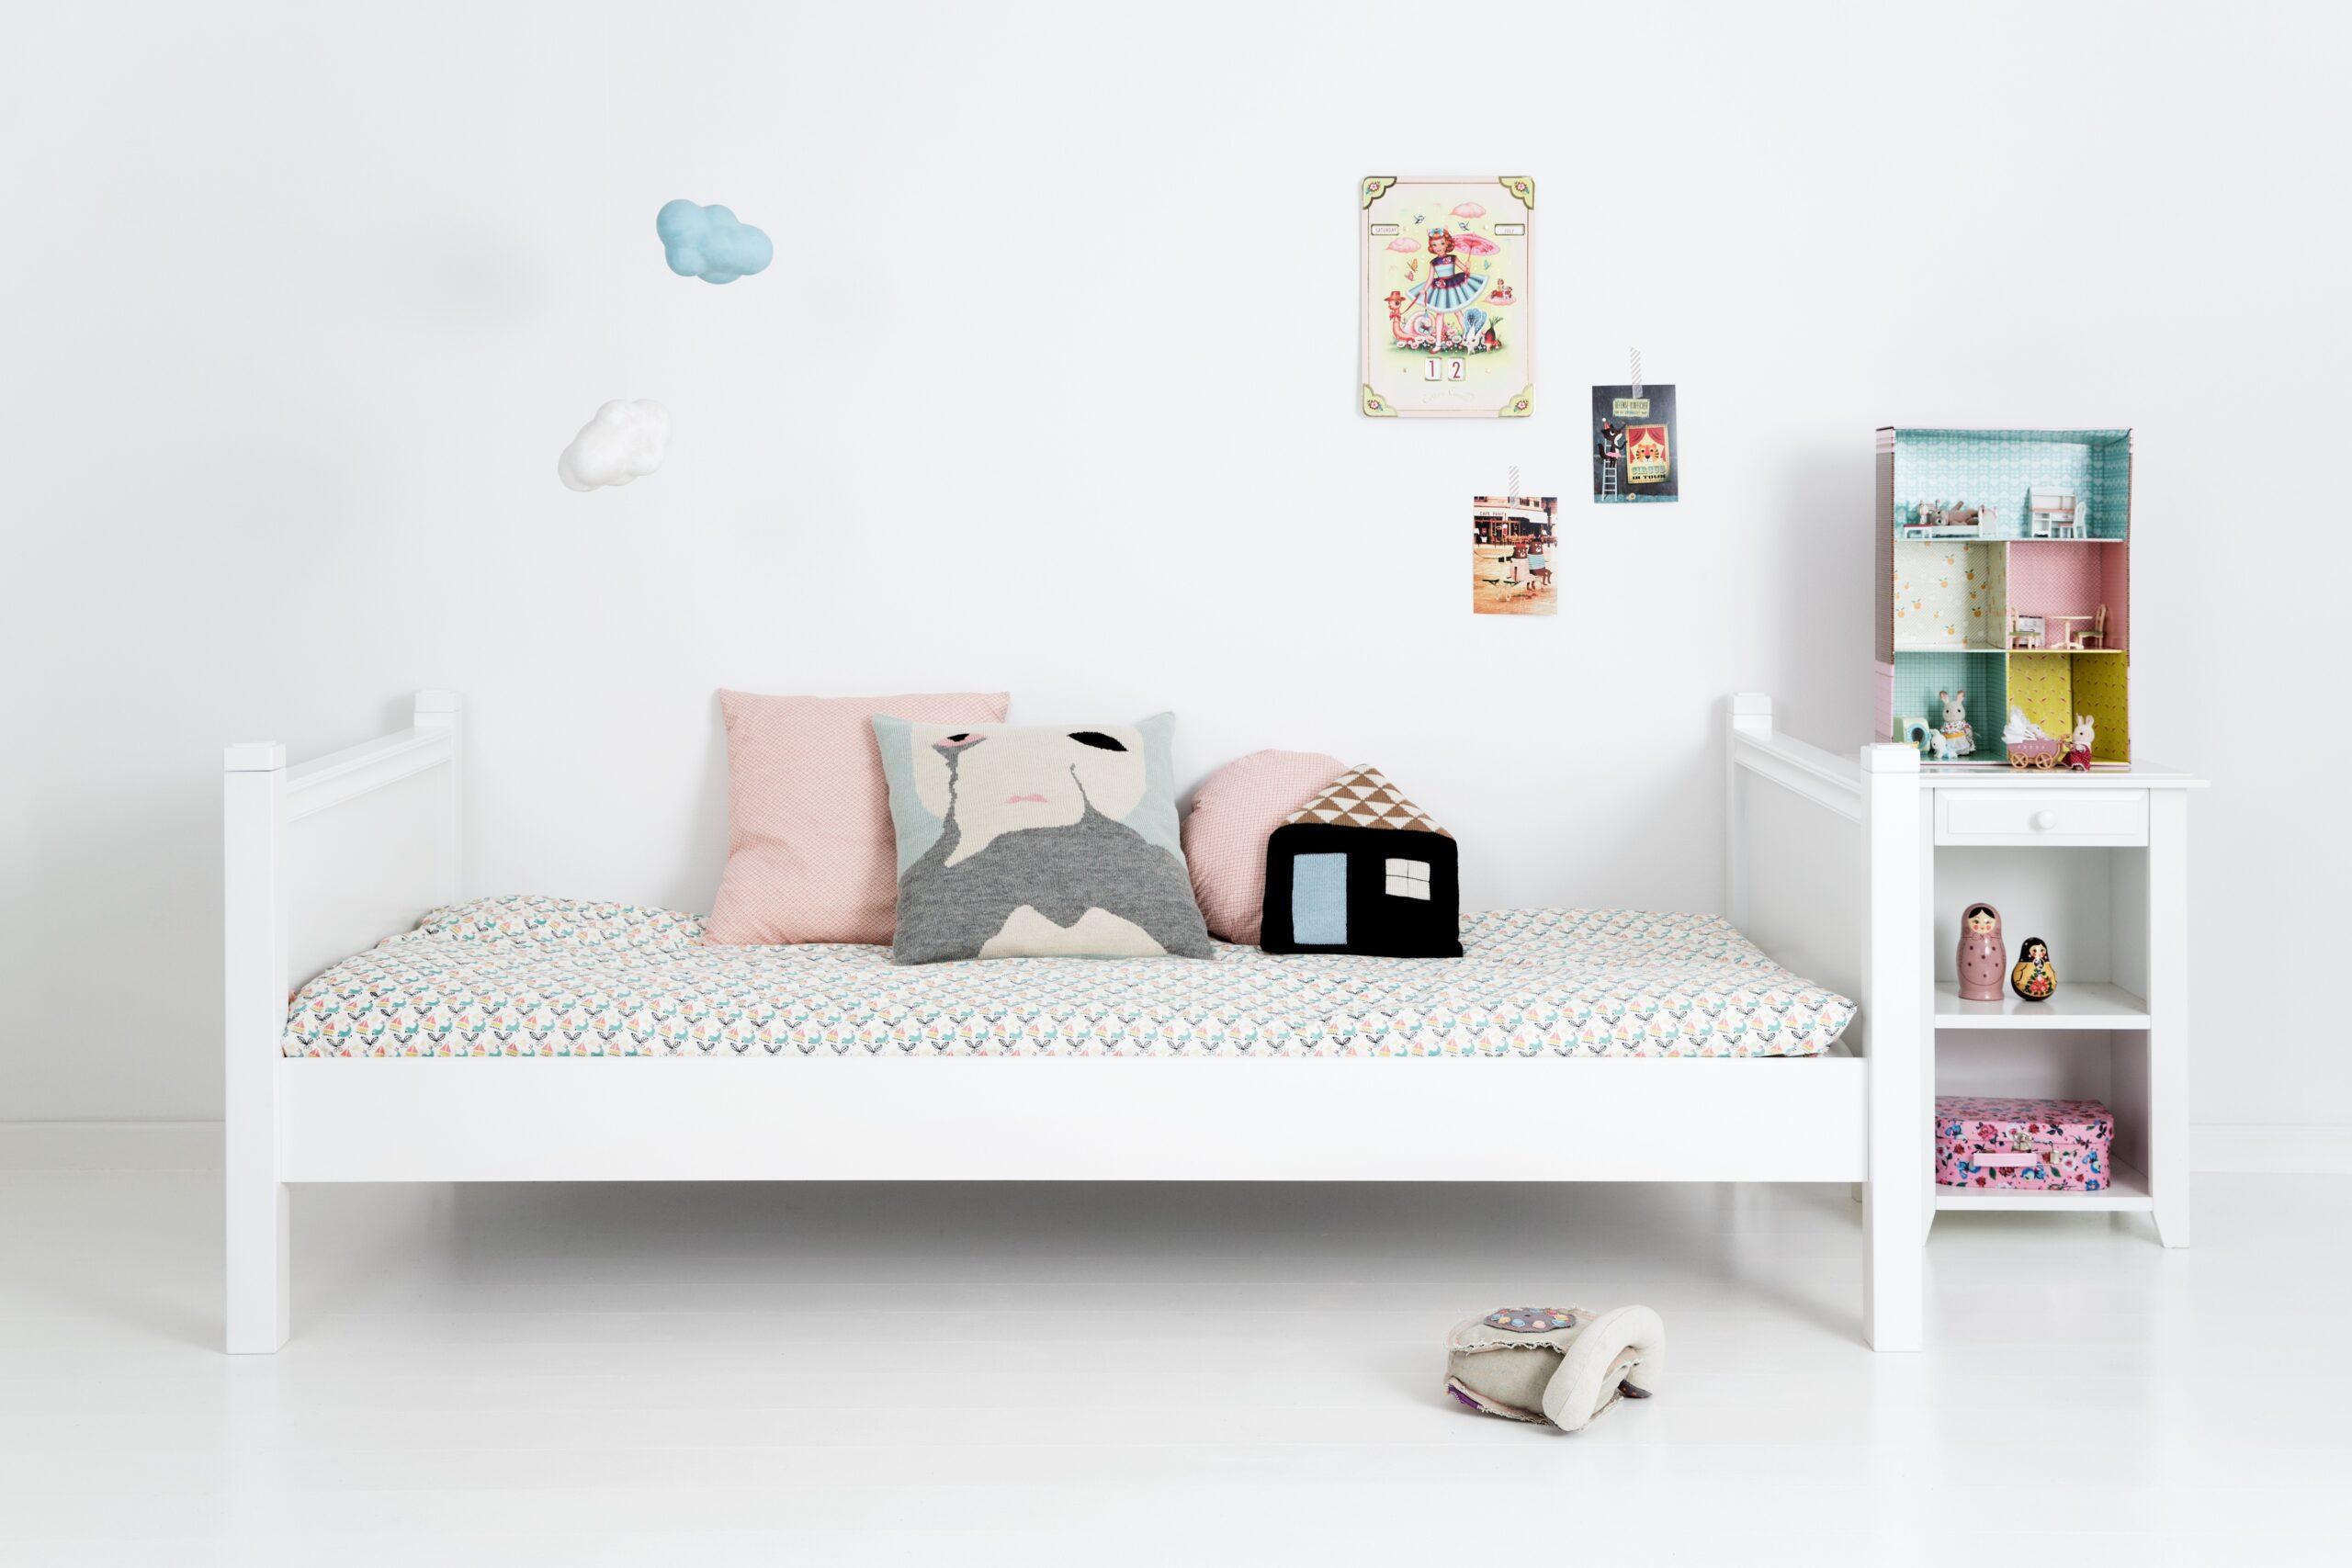 Full Size of Einzelbett Mit Knpfen 90 200 Cm Feng Shui Bett Minion Weiß 90x200 Rauch Betten Lifetime 1 40 Sonoma Eiche 140x200 Kinder Günstige Bette Starlet Kopfteil Wohnzimmer Bett 90x200 Kinder